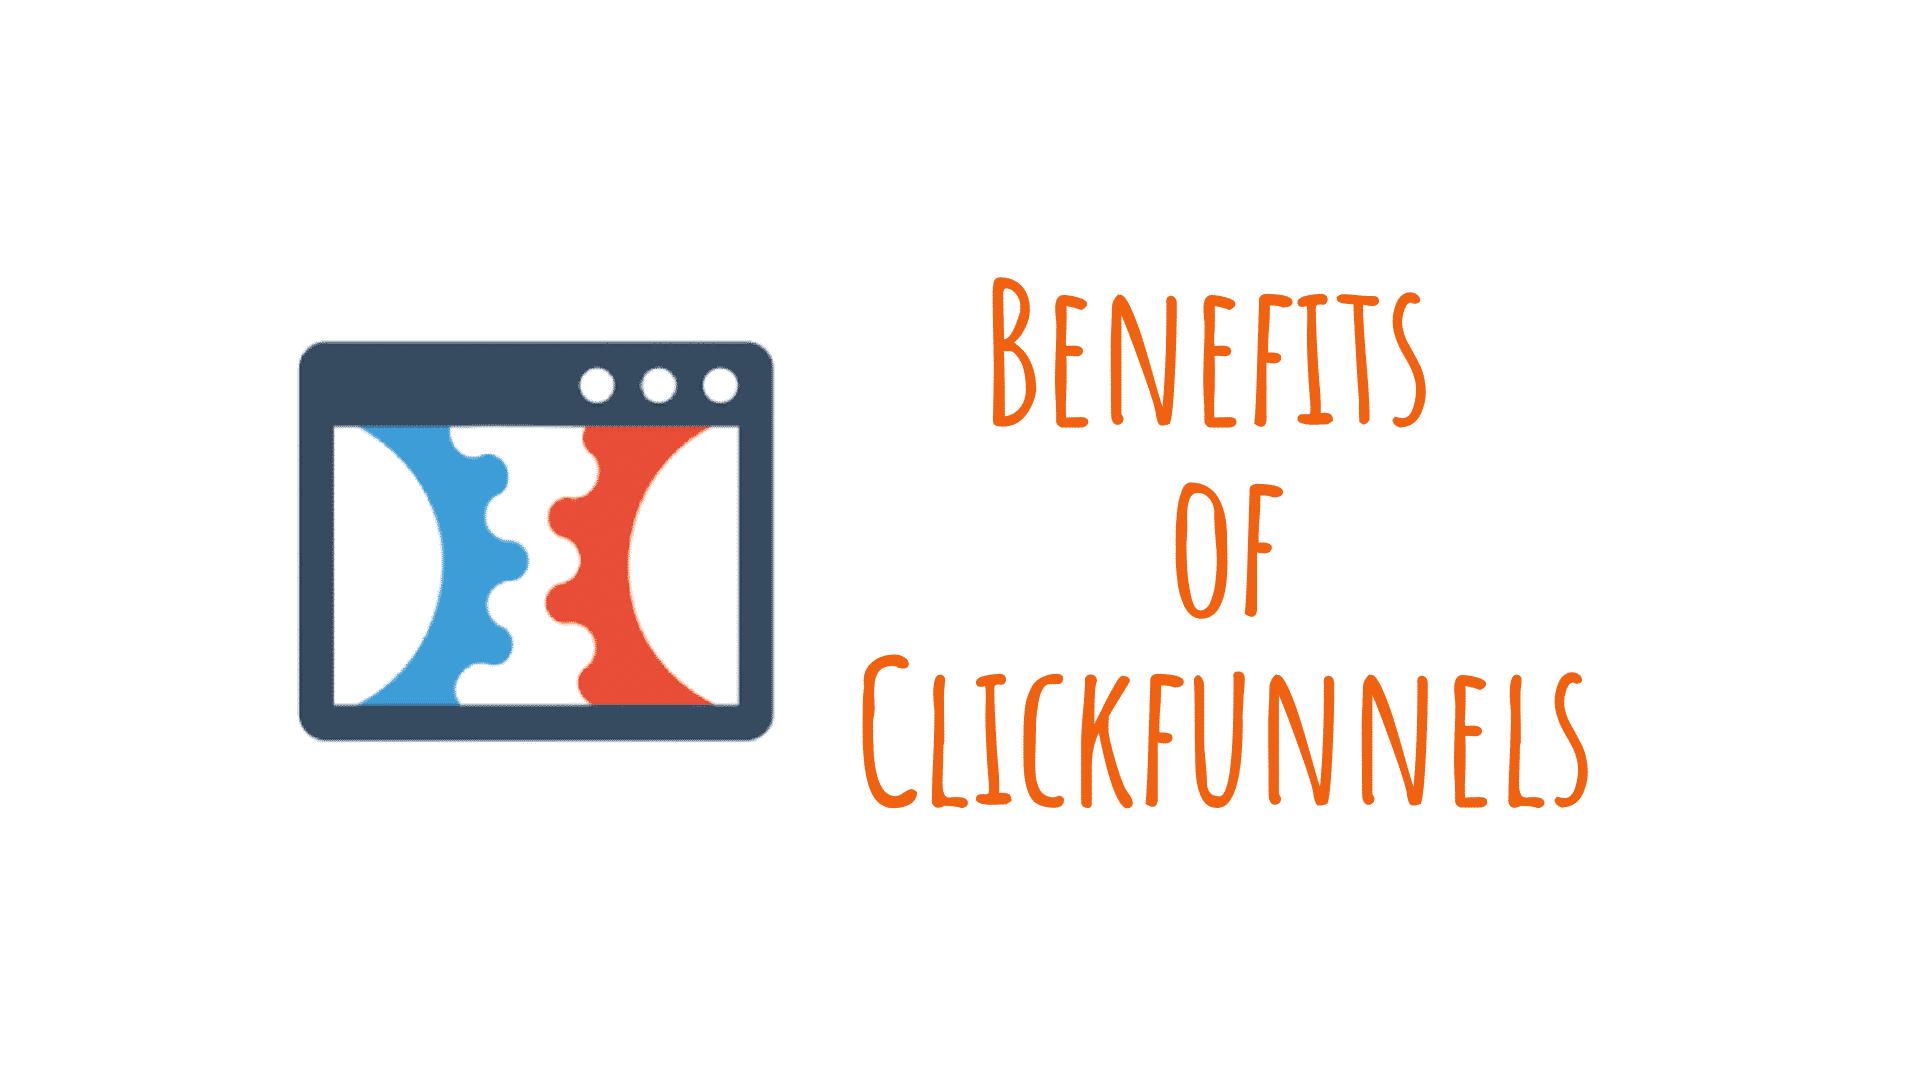 Benefits of Clickfunnels